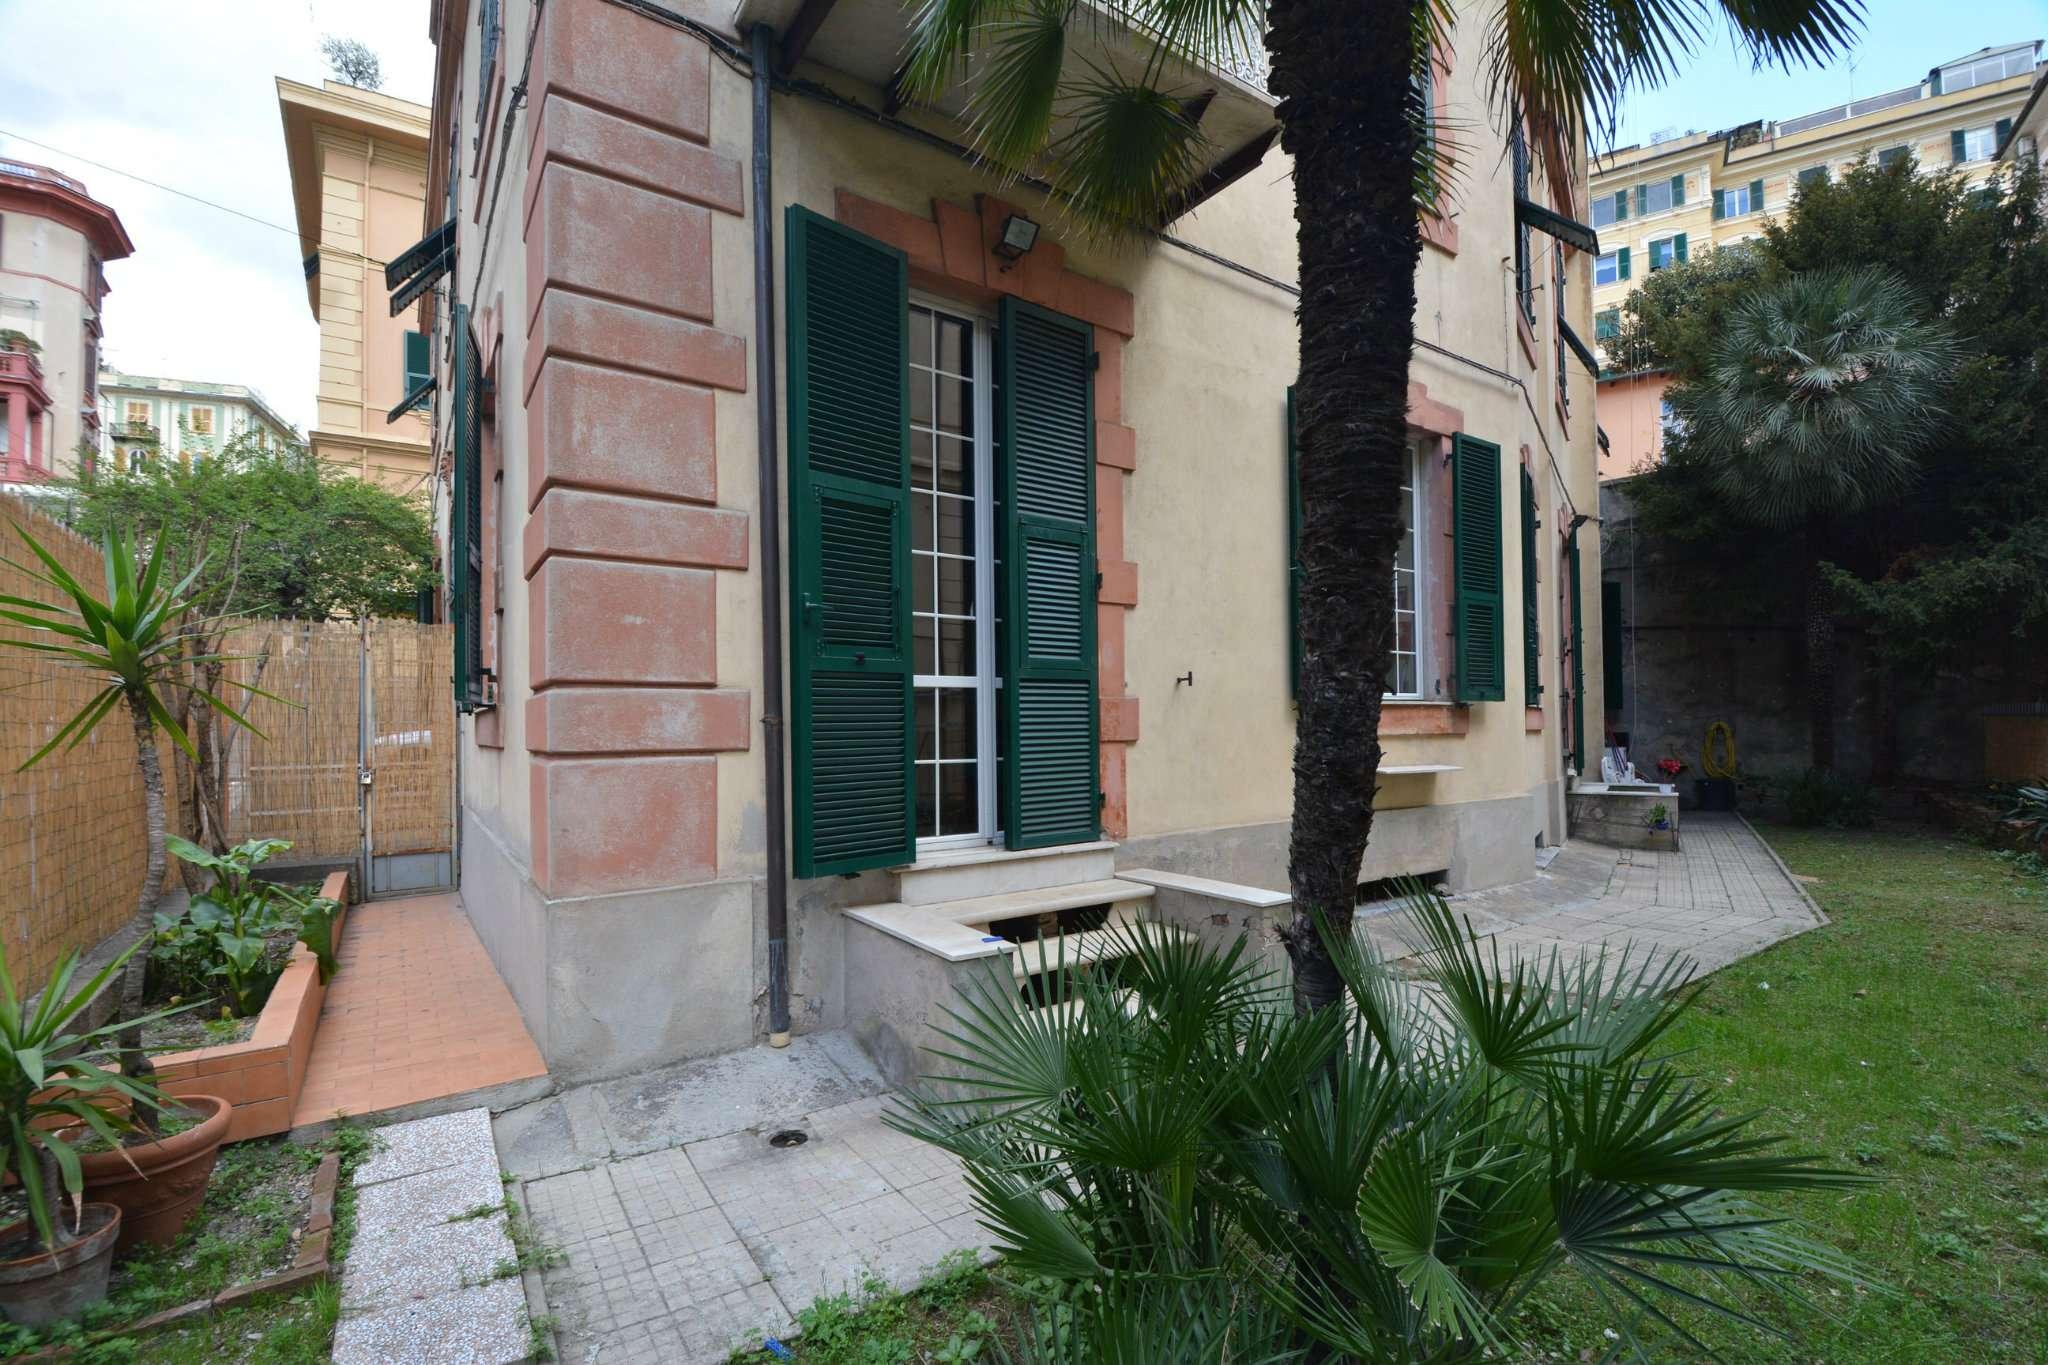 Foto 1 di Appartamento via Felice Romani, Genova (zona Centro città)